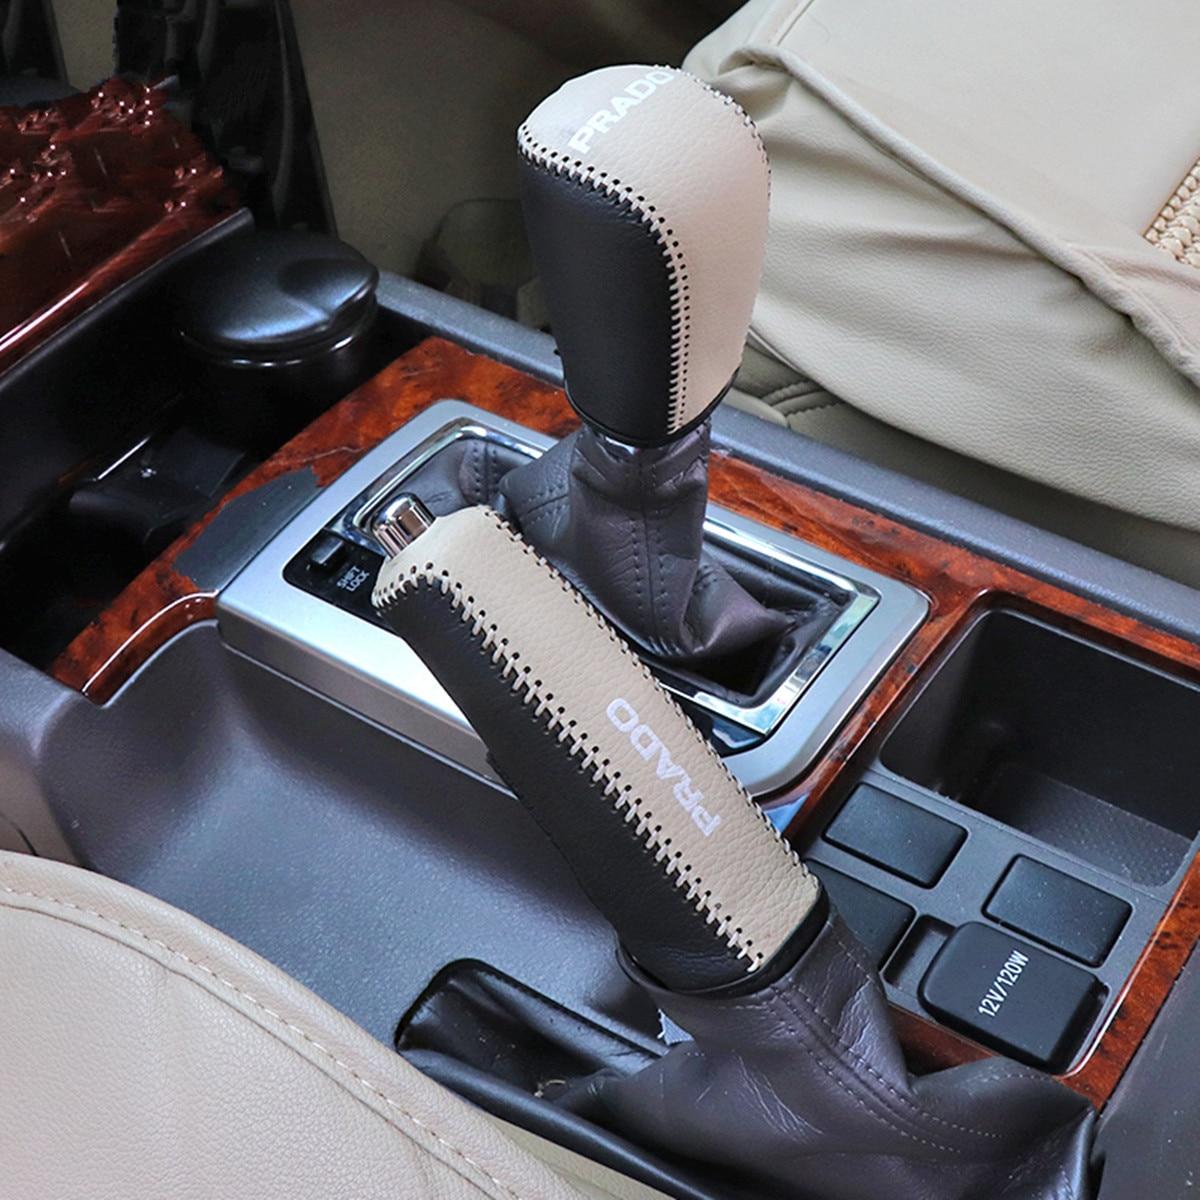 Botão do Deslocamento de Engrenagem do Freio de Mão de Couro genuíno Capa para Toyota Land Cruiser Prado 150 2010 2012 2013 2014 2015 2016 2017 2018